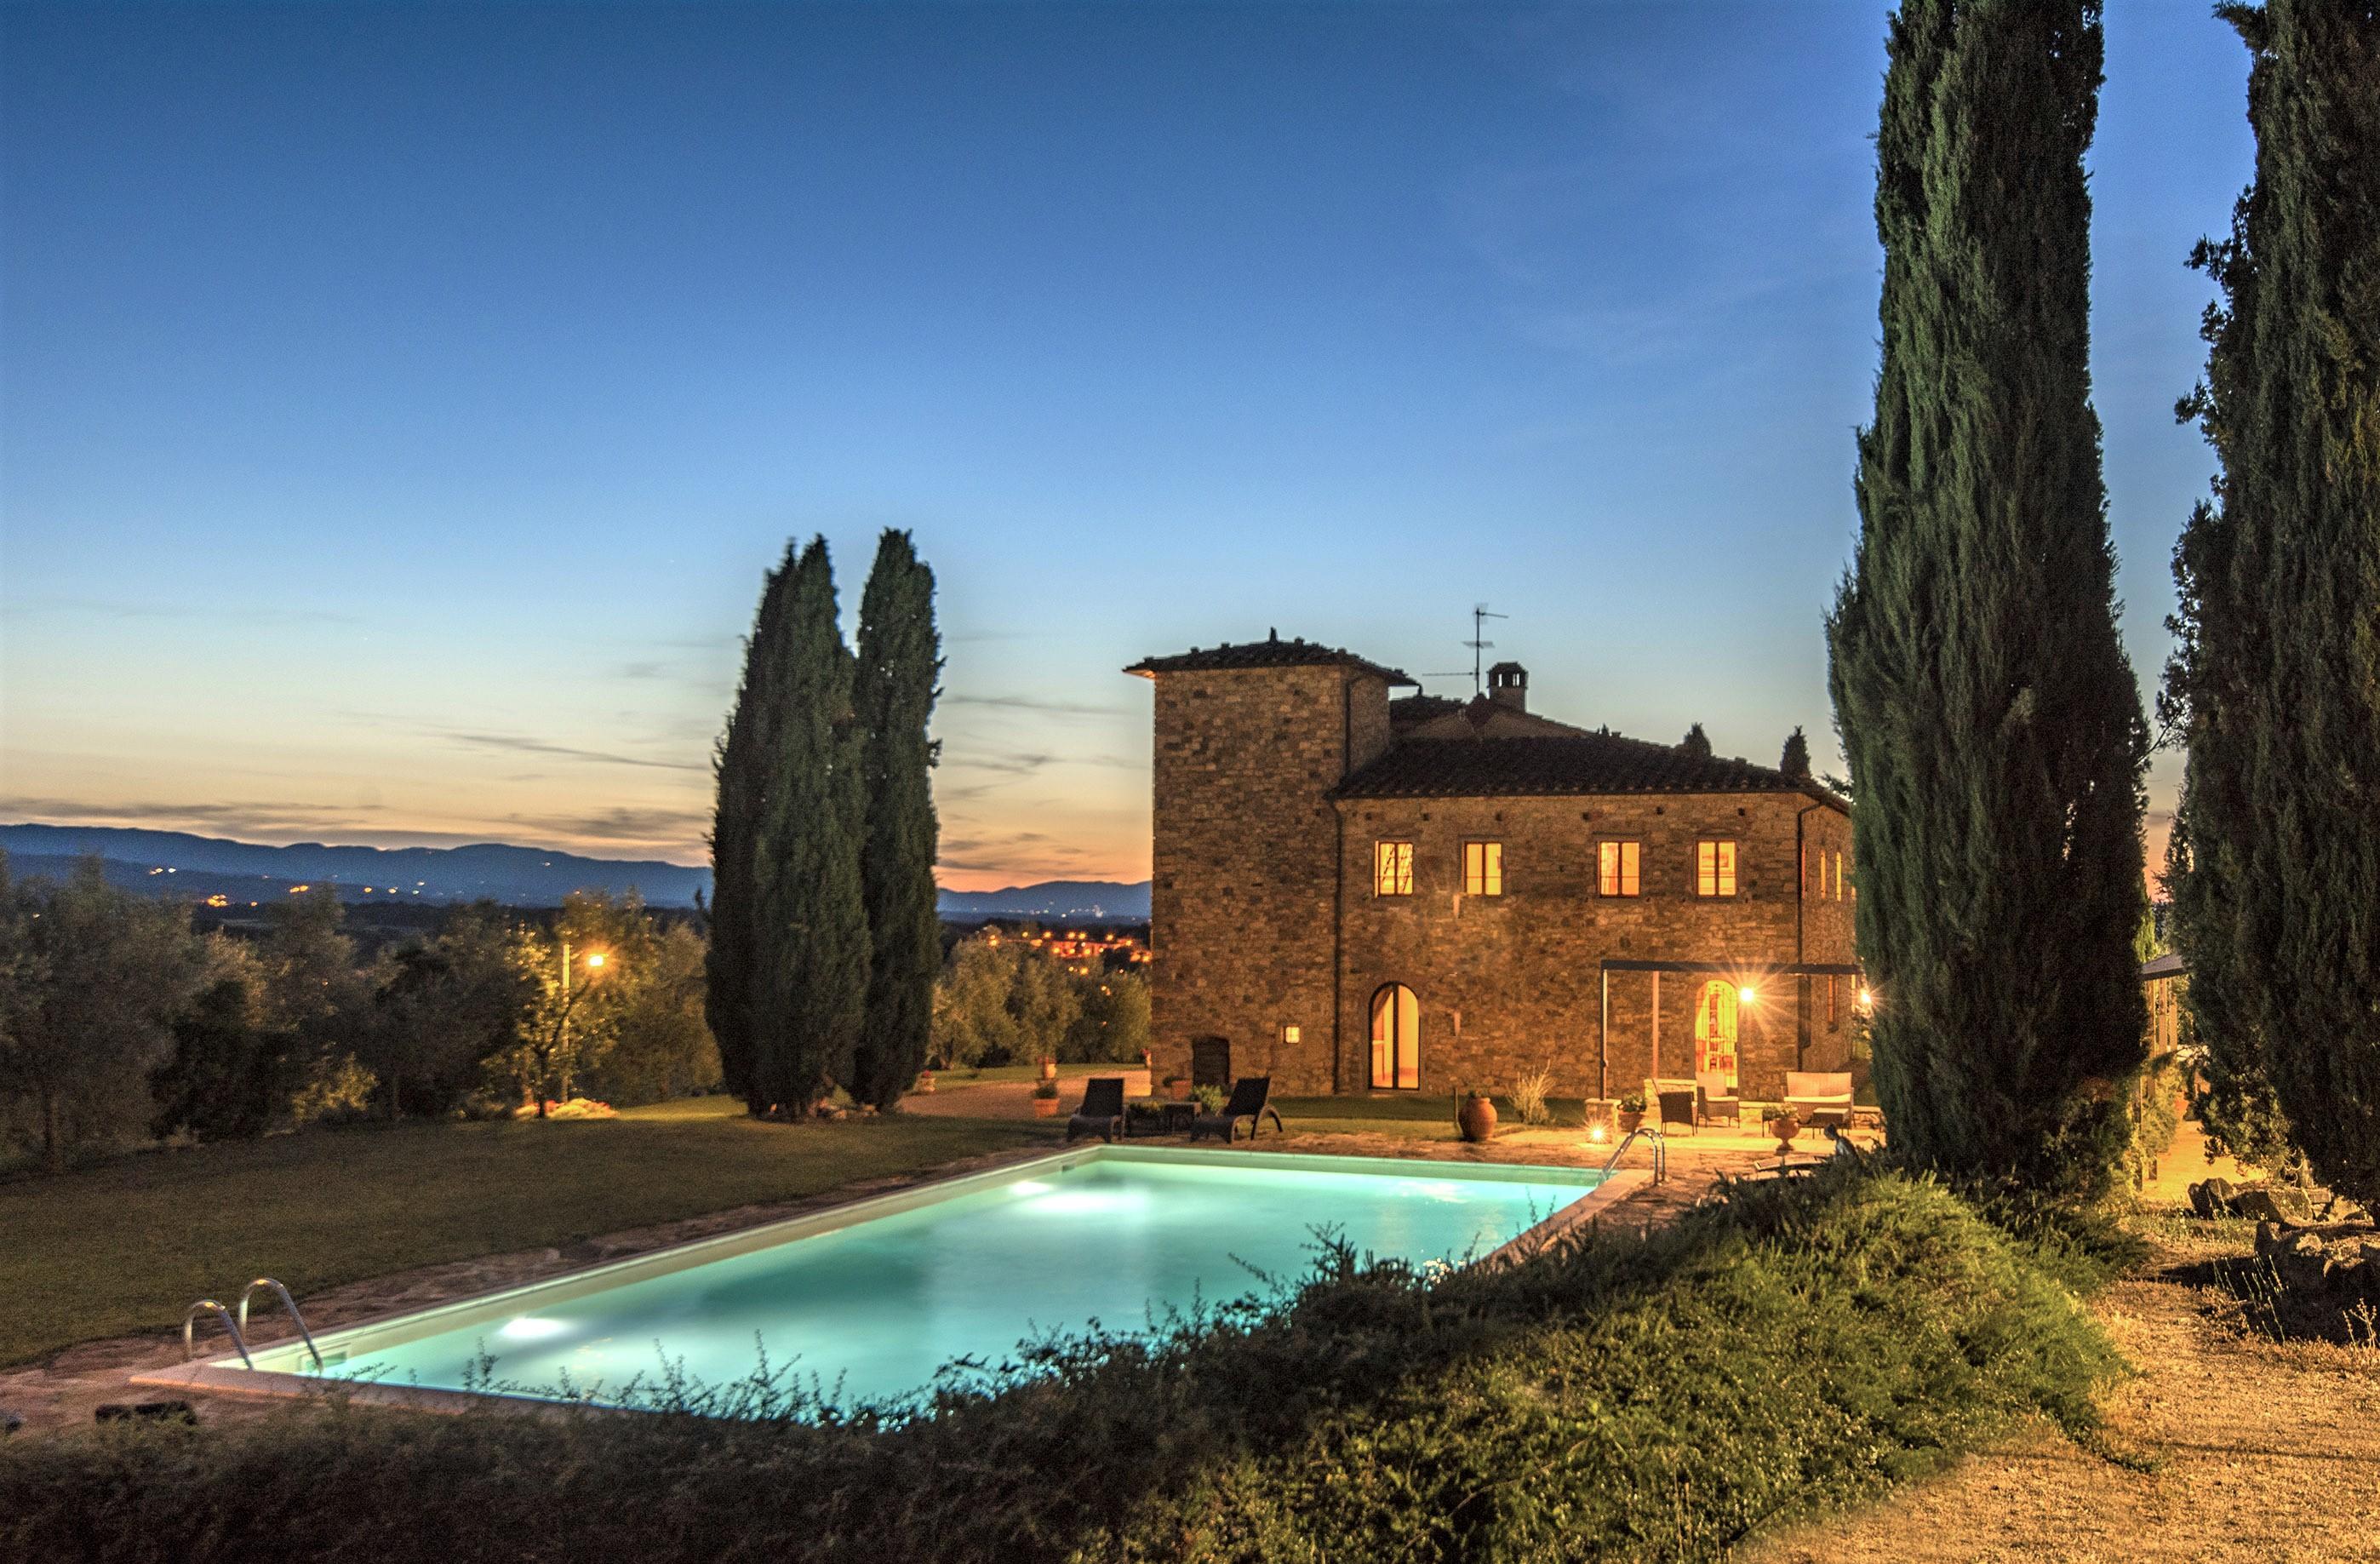 Ristrutturazione Casa Roma Prezzi villa petrea - 20 sleeps, maid service and jacuzzi - villas